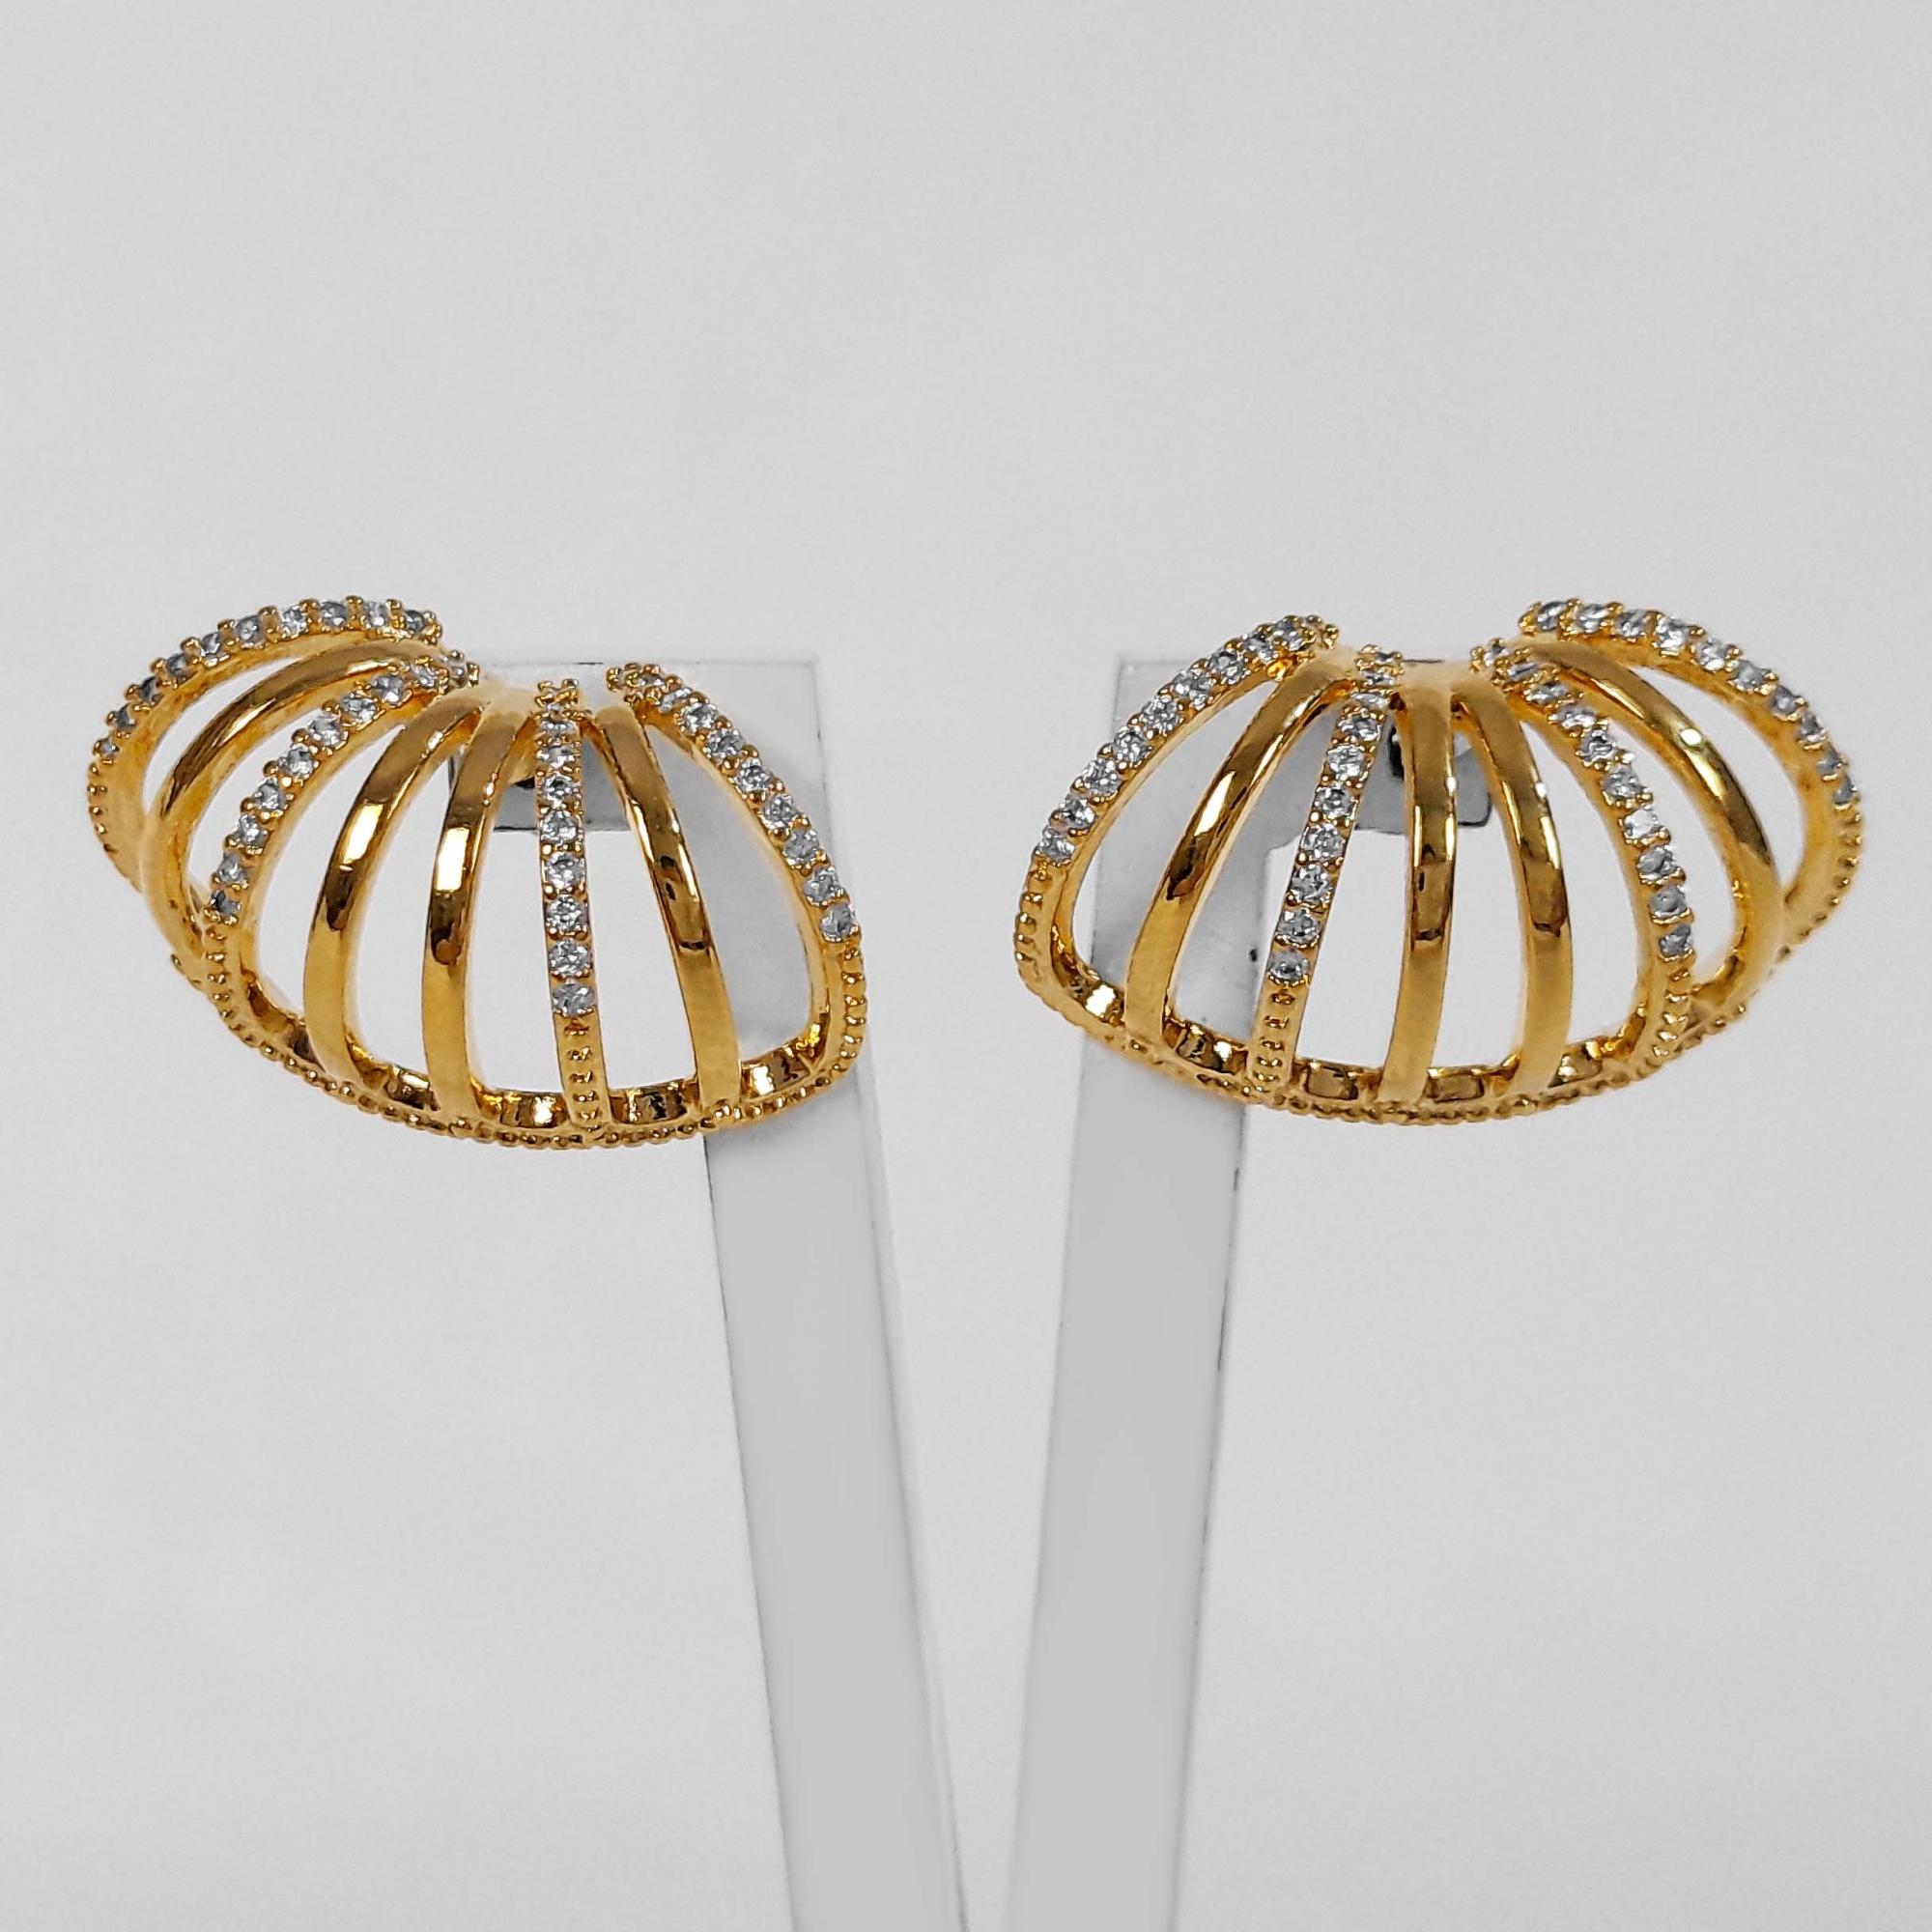 Brinco Ear Cuff Argolinhas Luxo Cravejado Folheado Ouro 18K  - Lunozê Joias